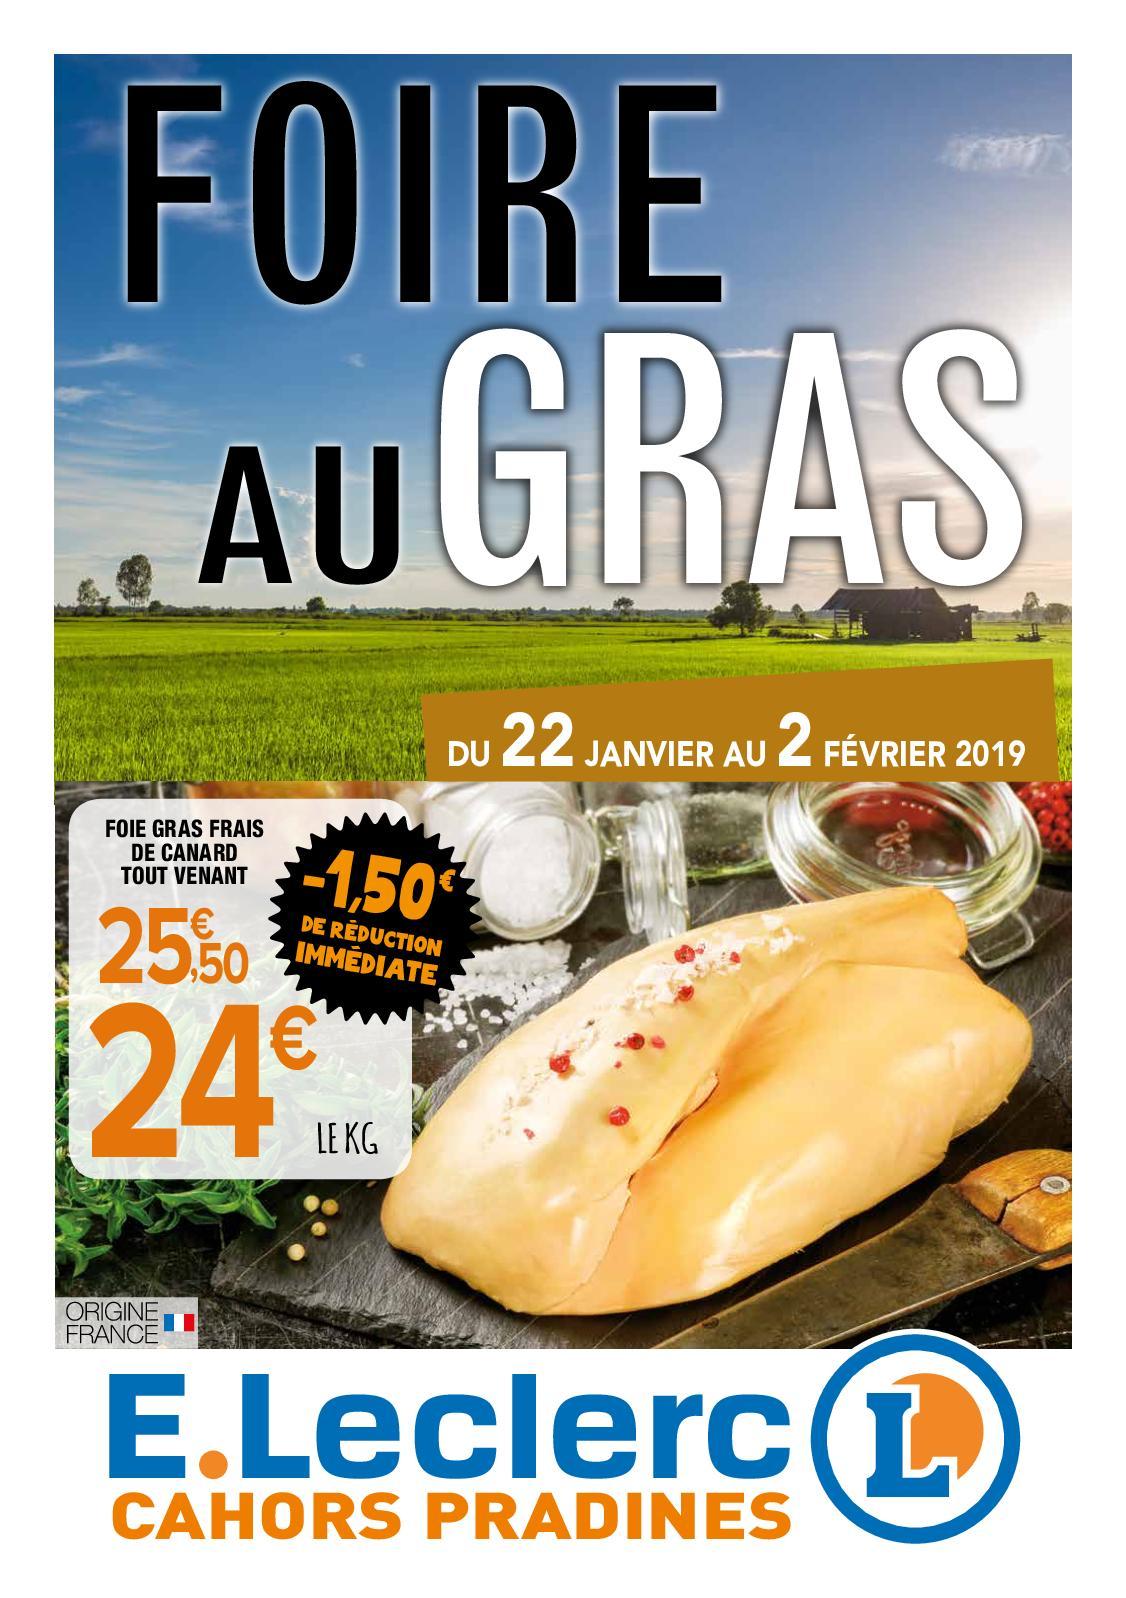 Calaméo Eleclerc Cahors Pradines Catalogue Foire Au Gras